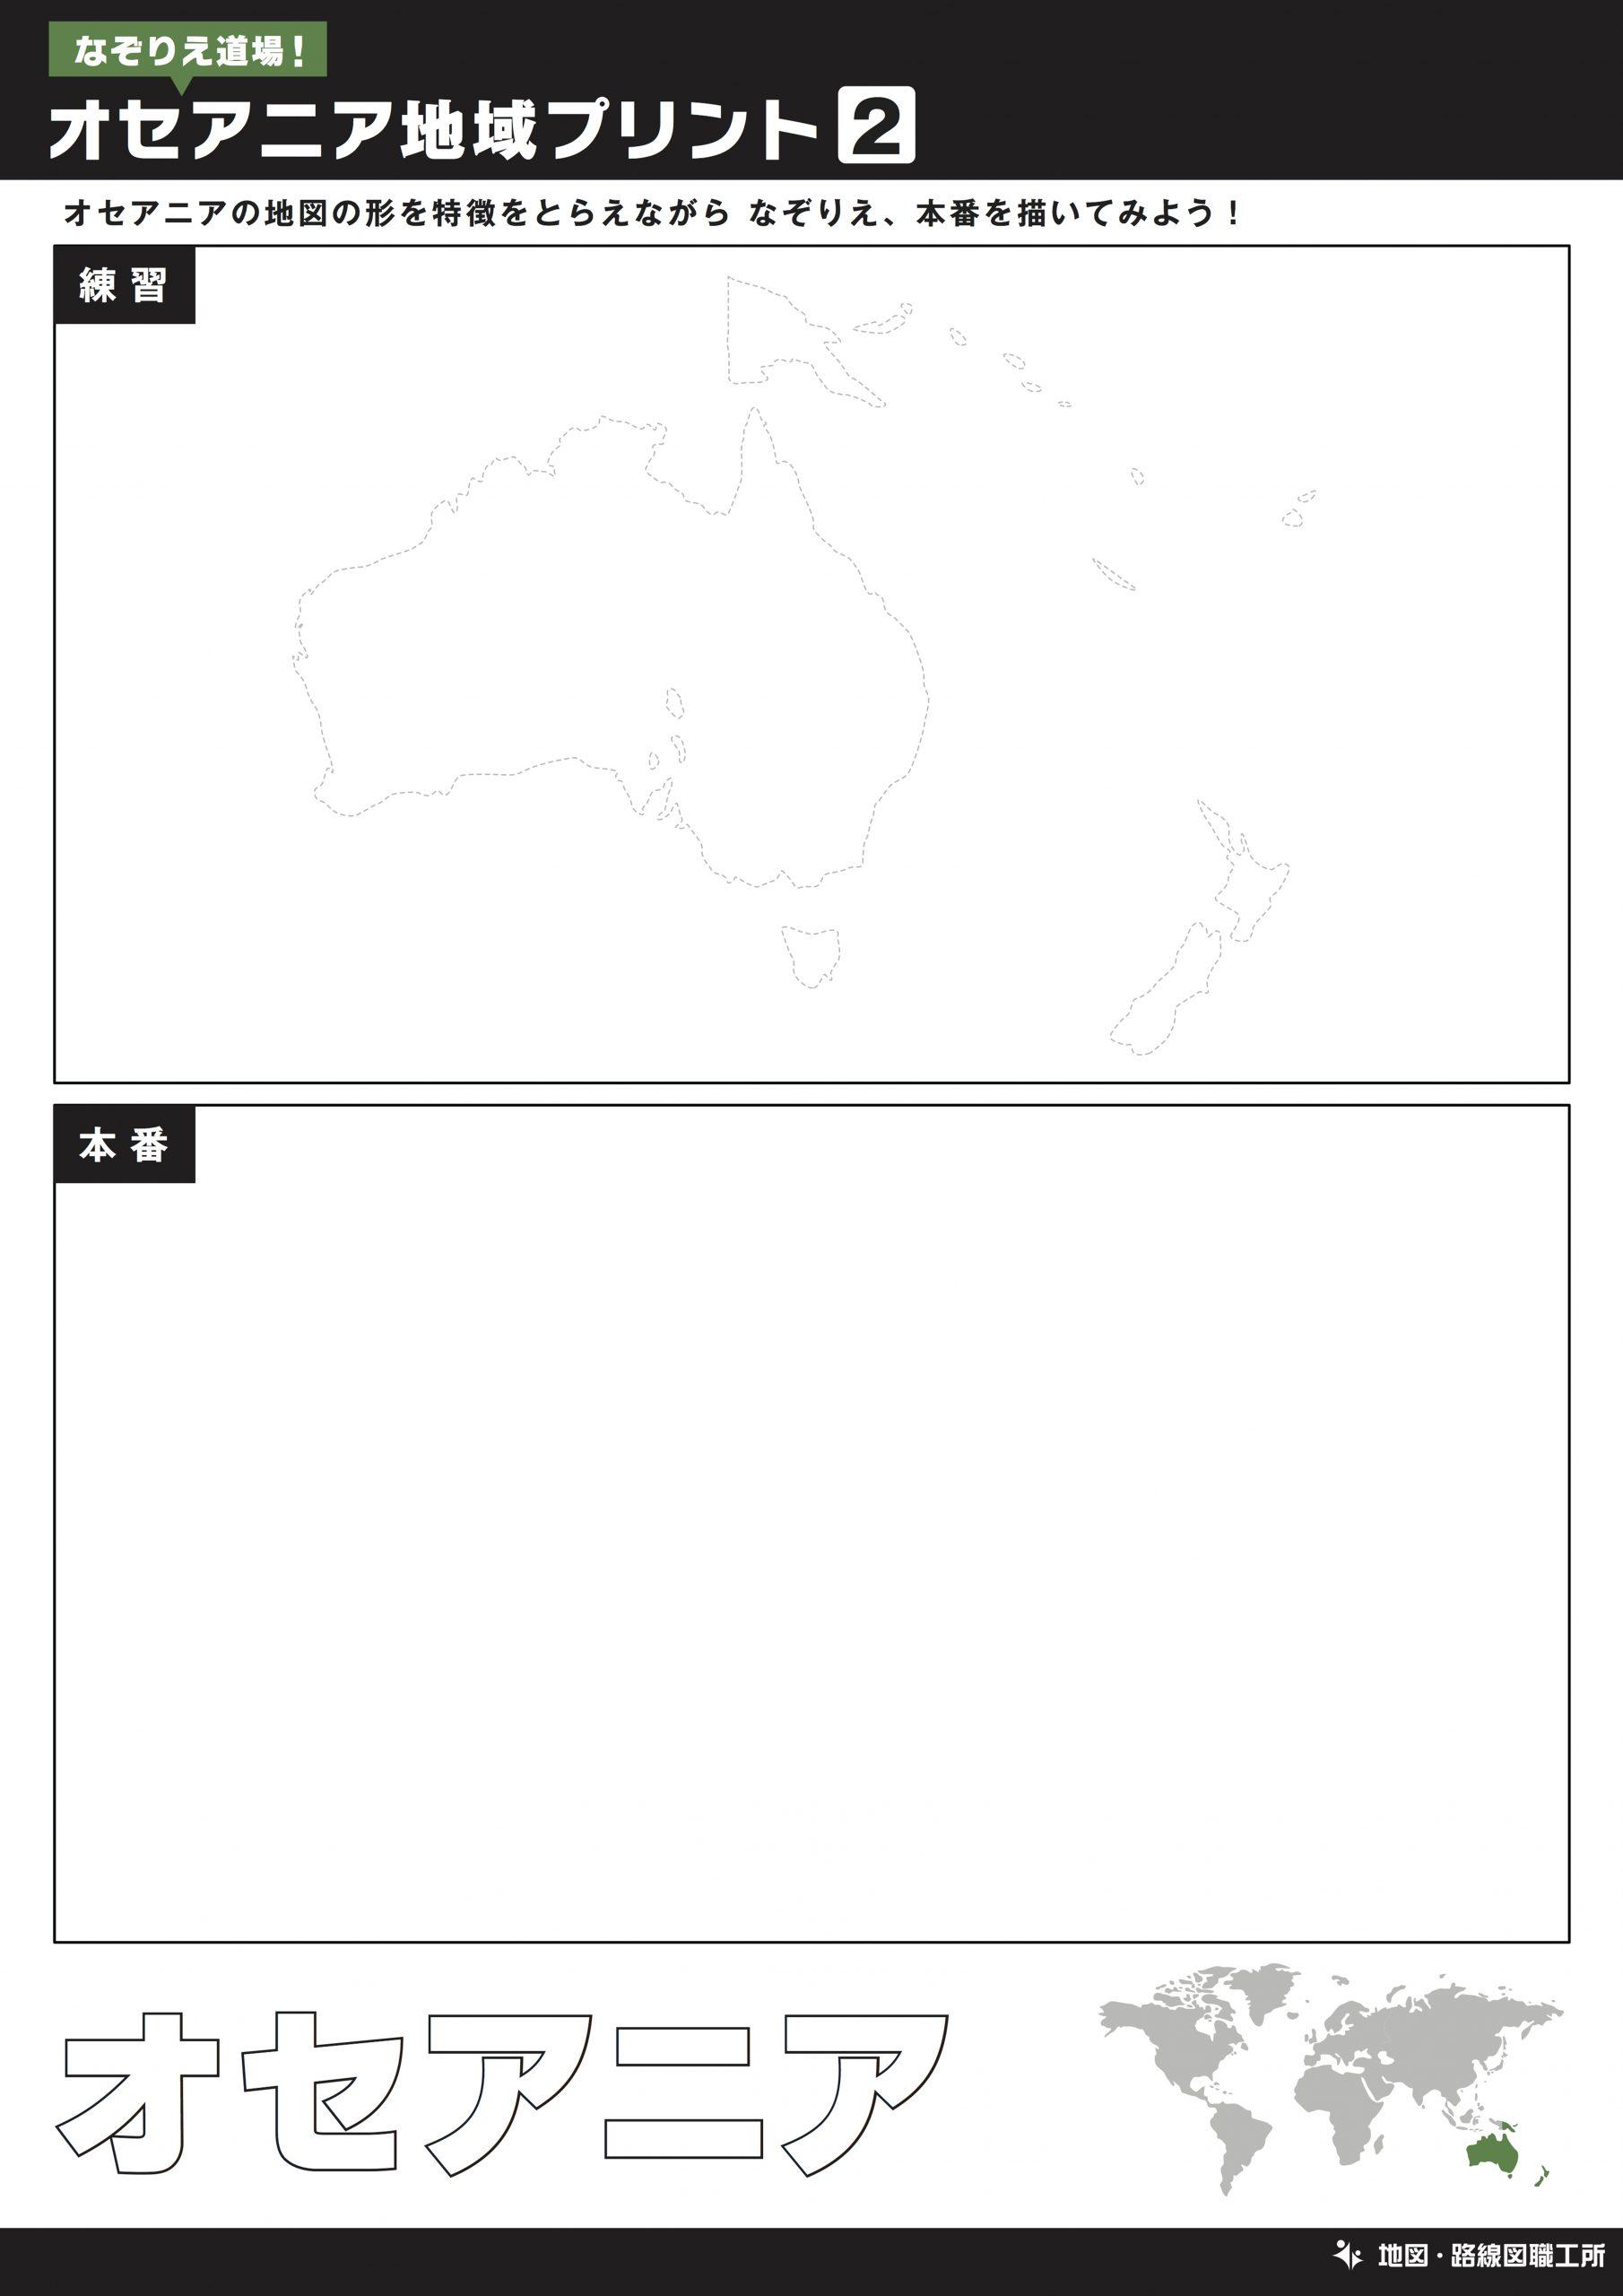 オセアニア地図をなぞって描く練習②